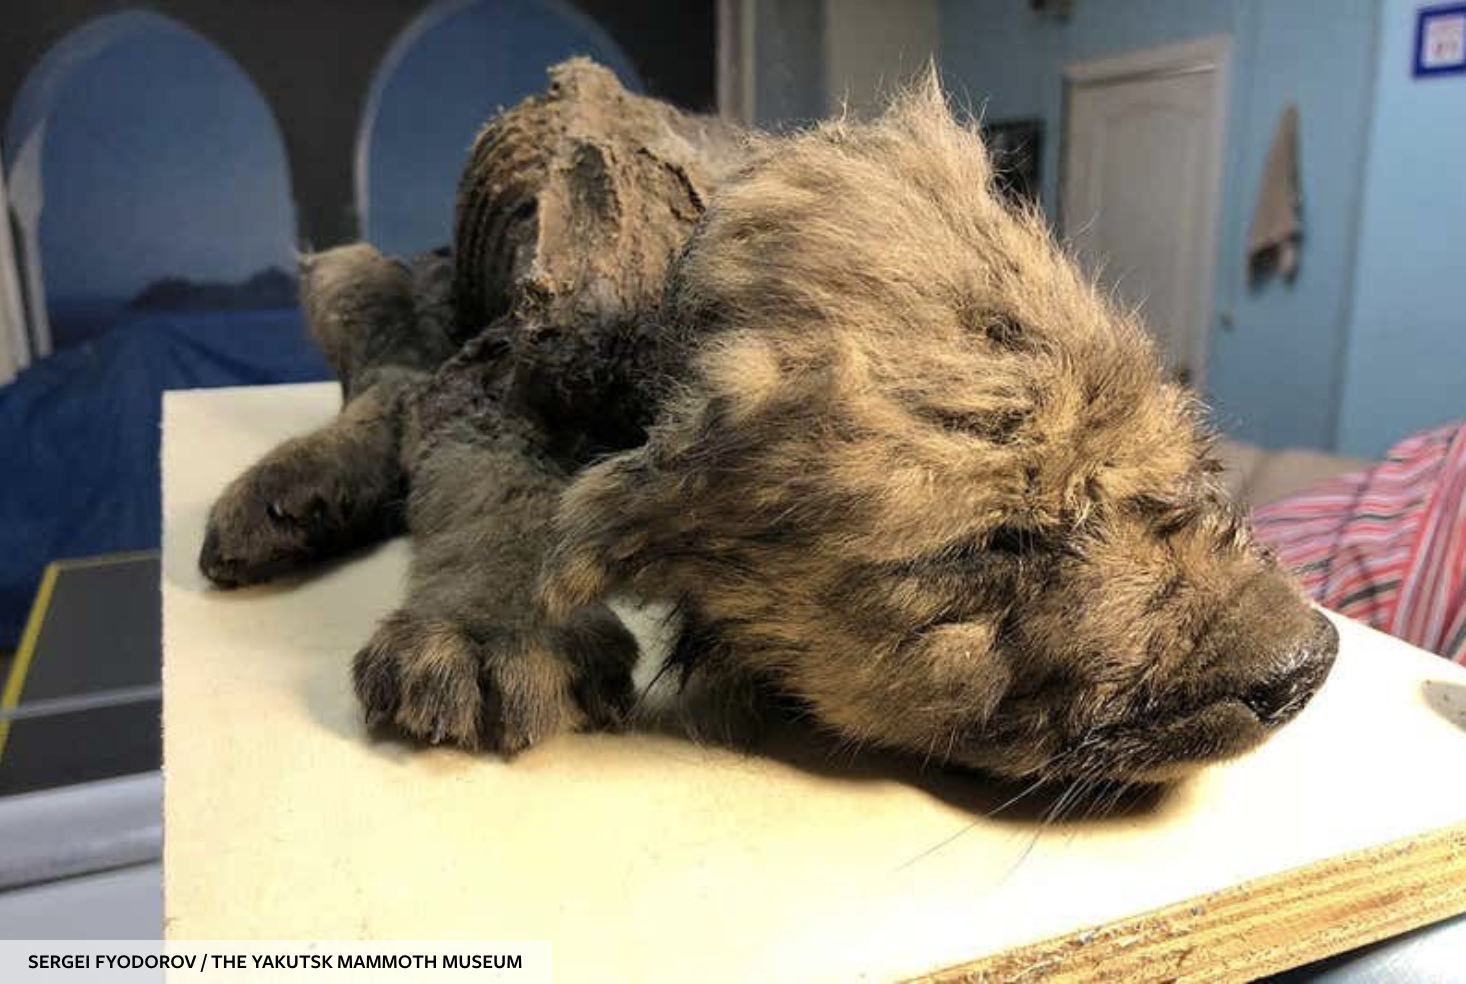 Cachorro momificado murió en Siberia hace 18 000 años y podría ser un lobo (o algo más)